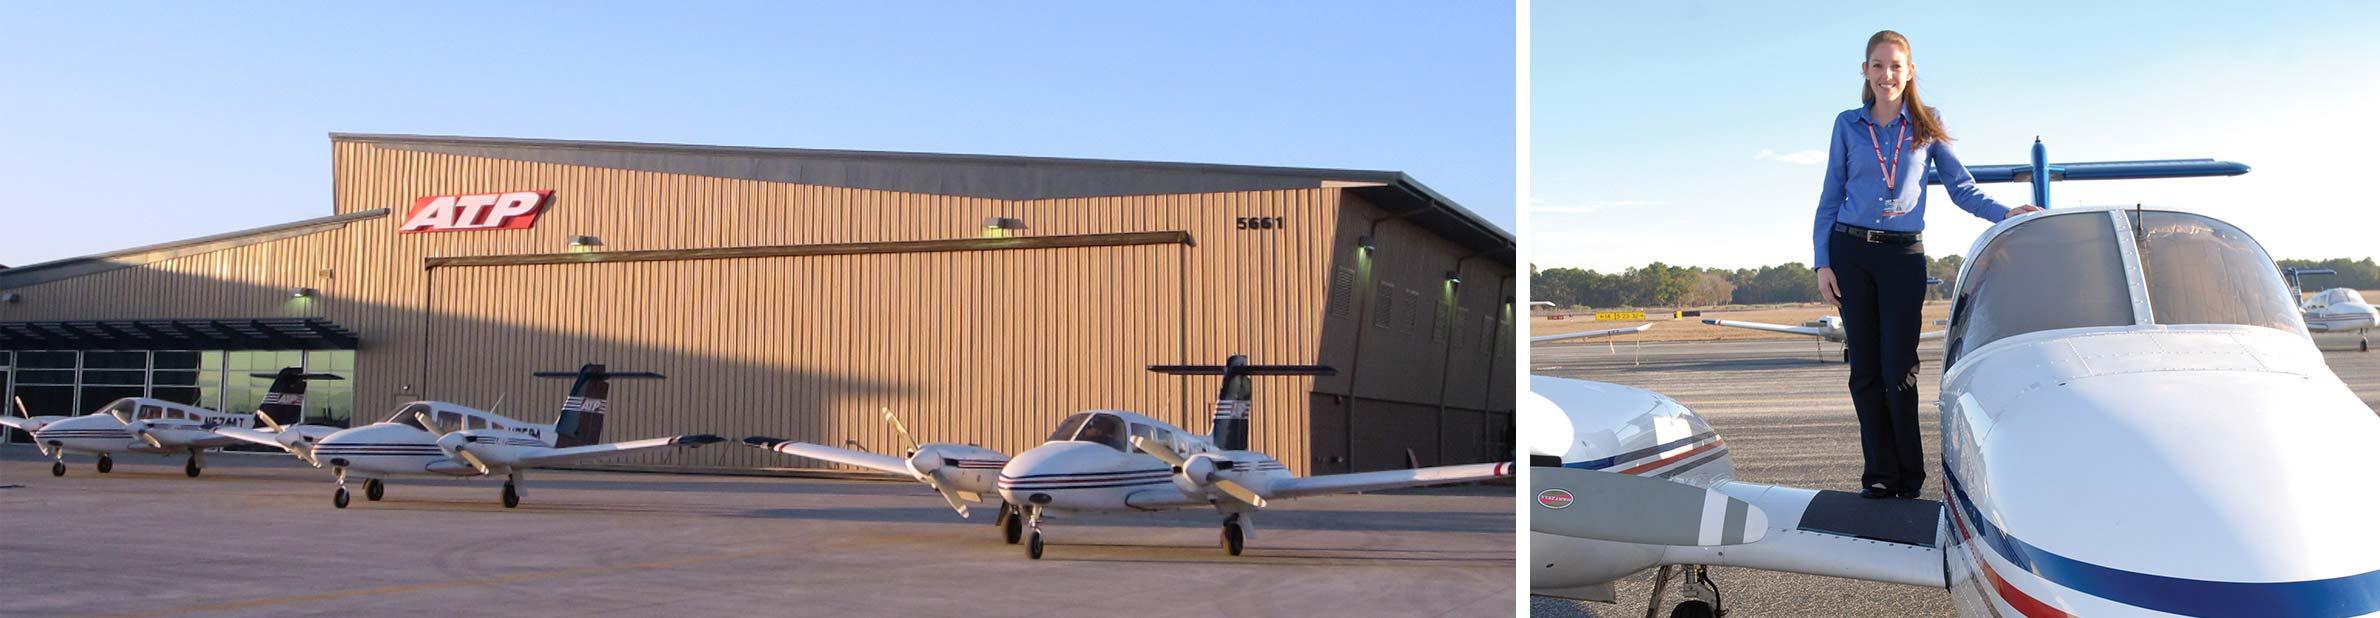 Atp Flight School Atp Flight School Soda Delka